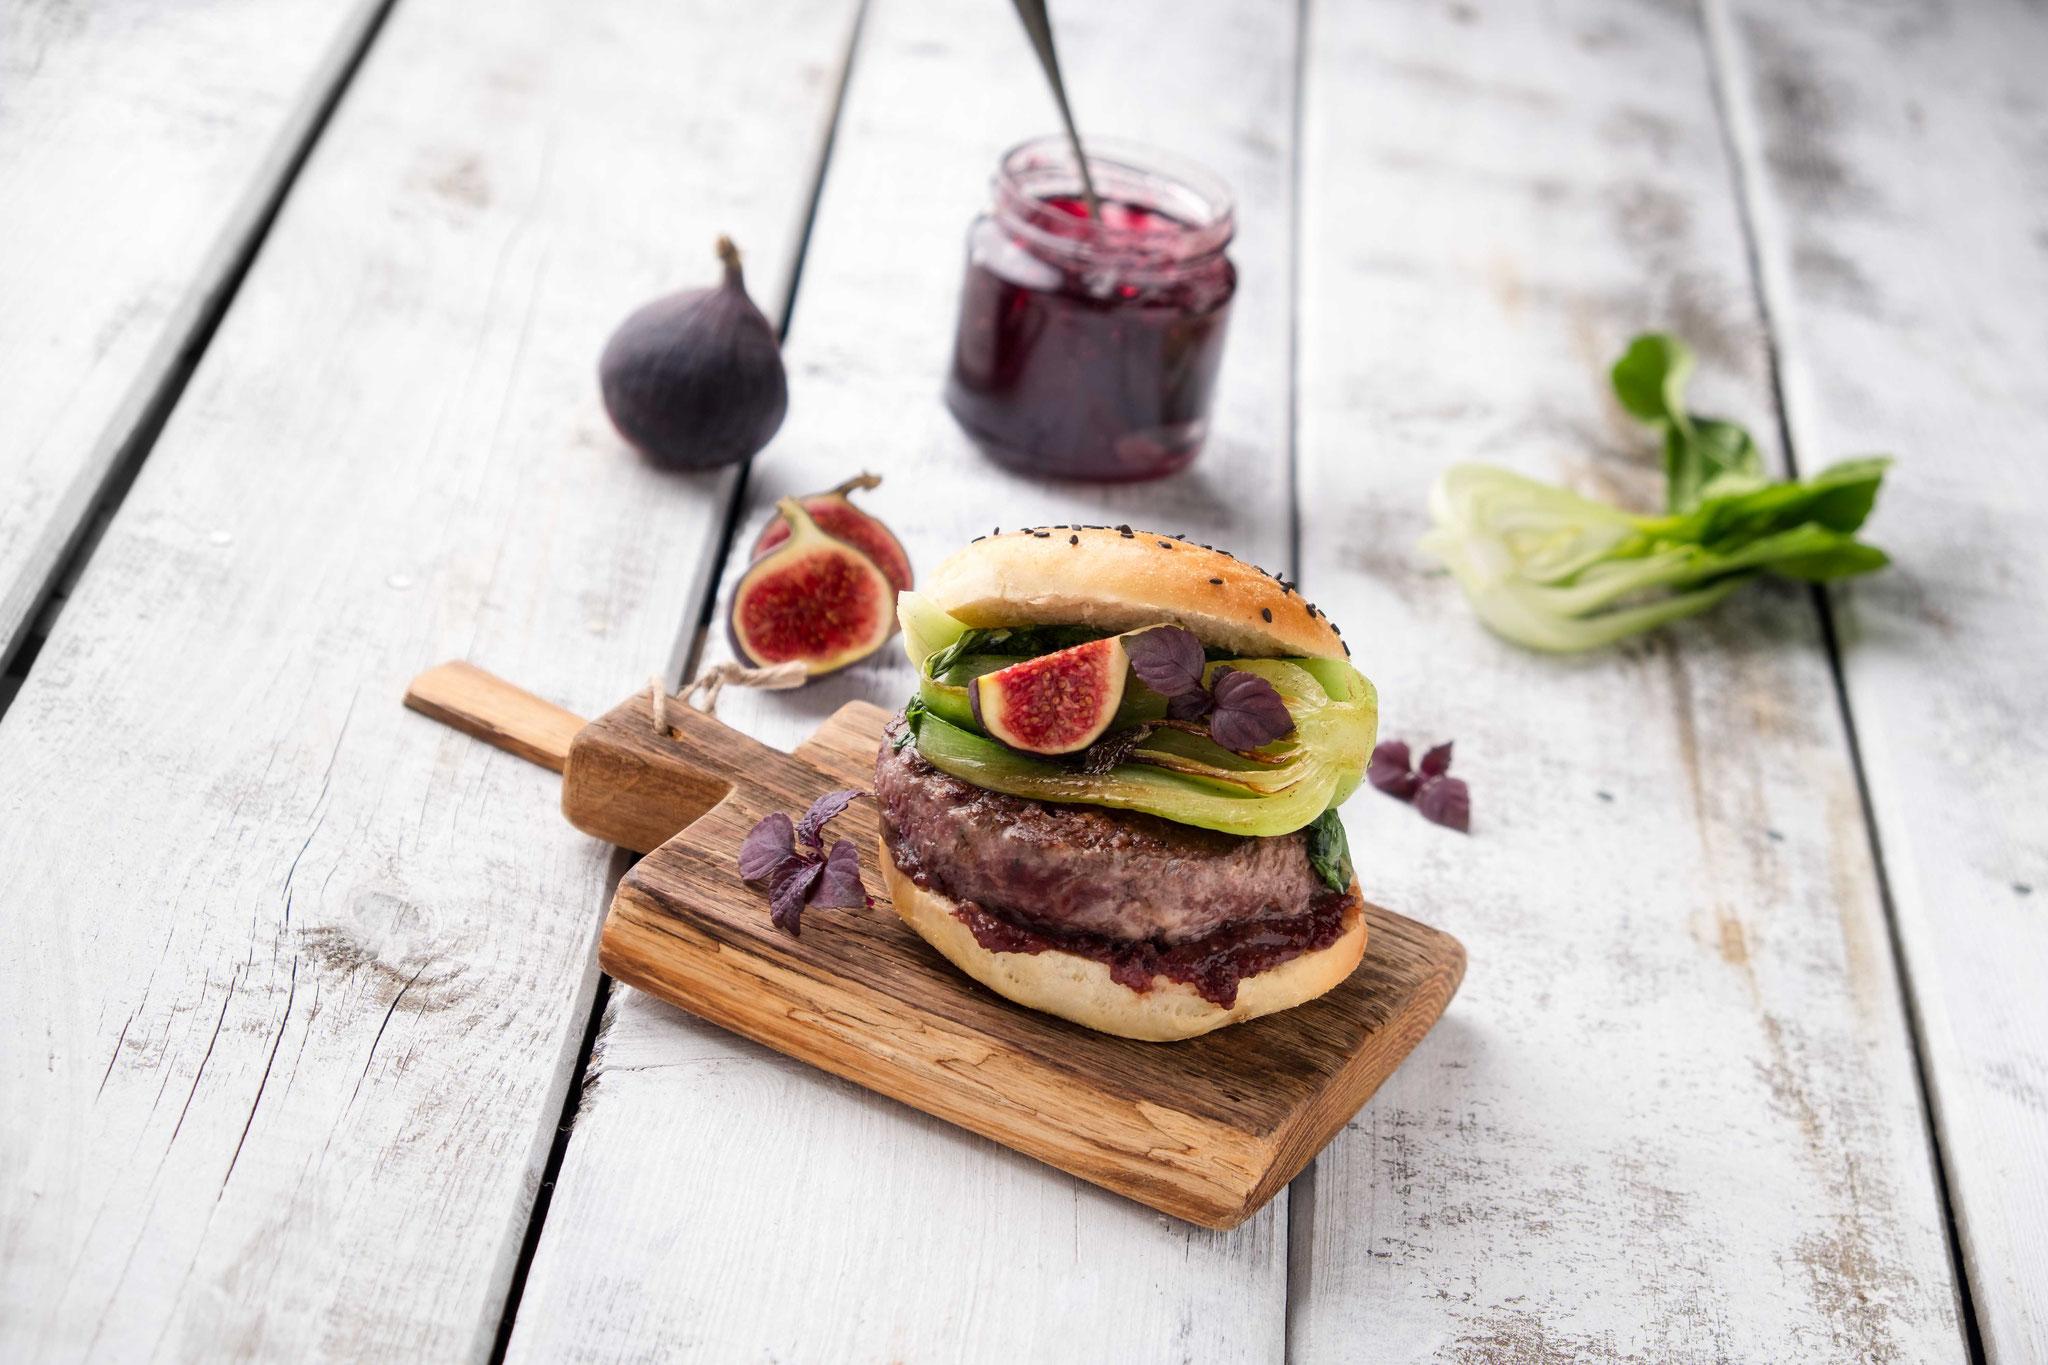 Food-Fotografie Burger - aufgenommen beim Workshop am 23.10.2016.